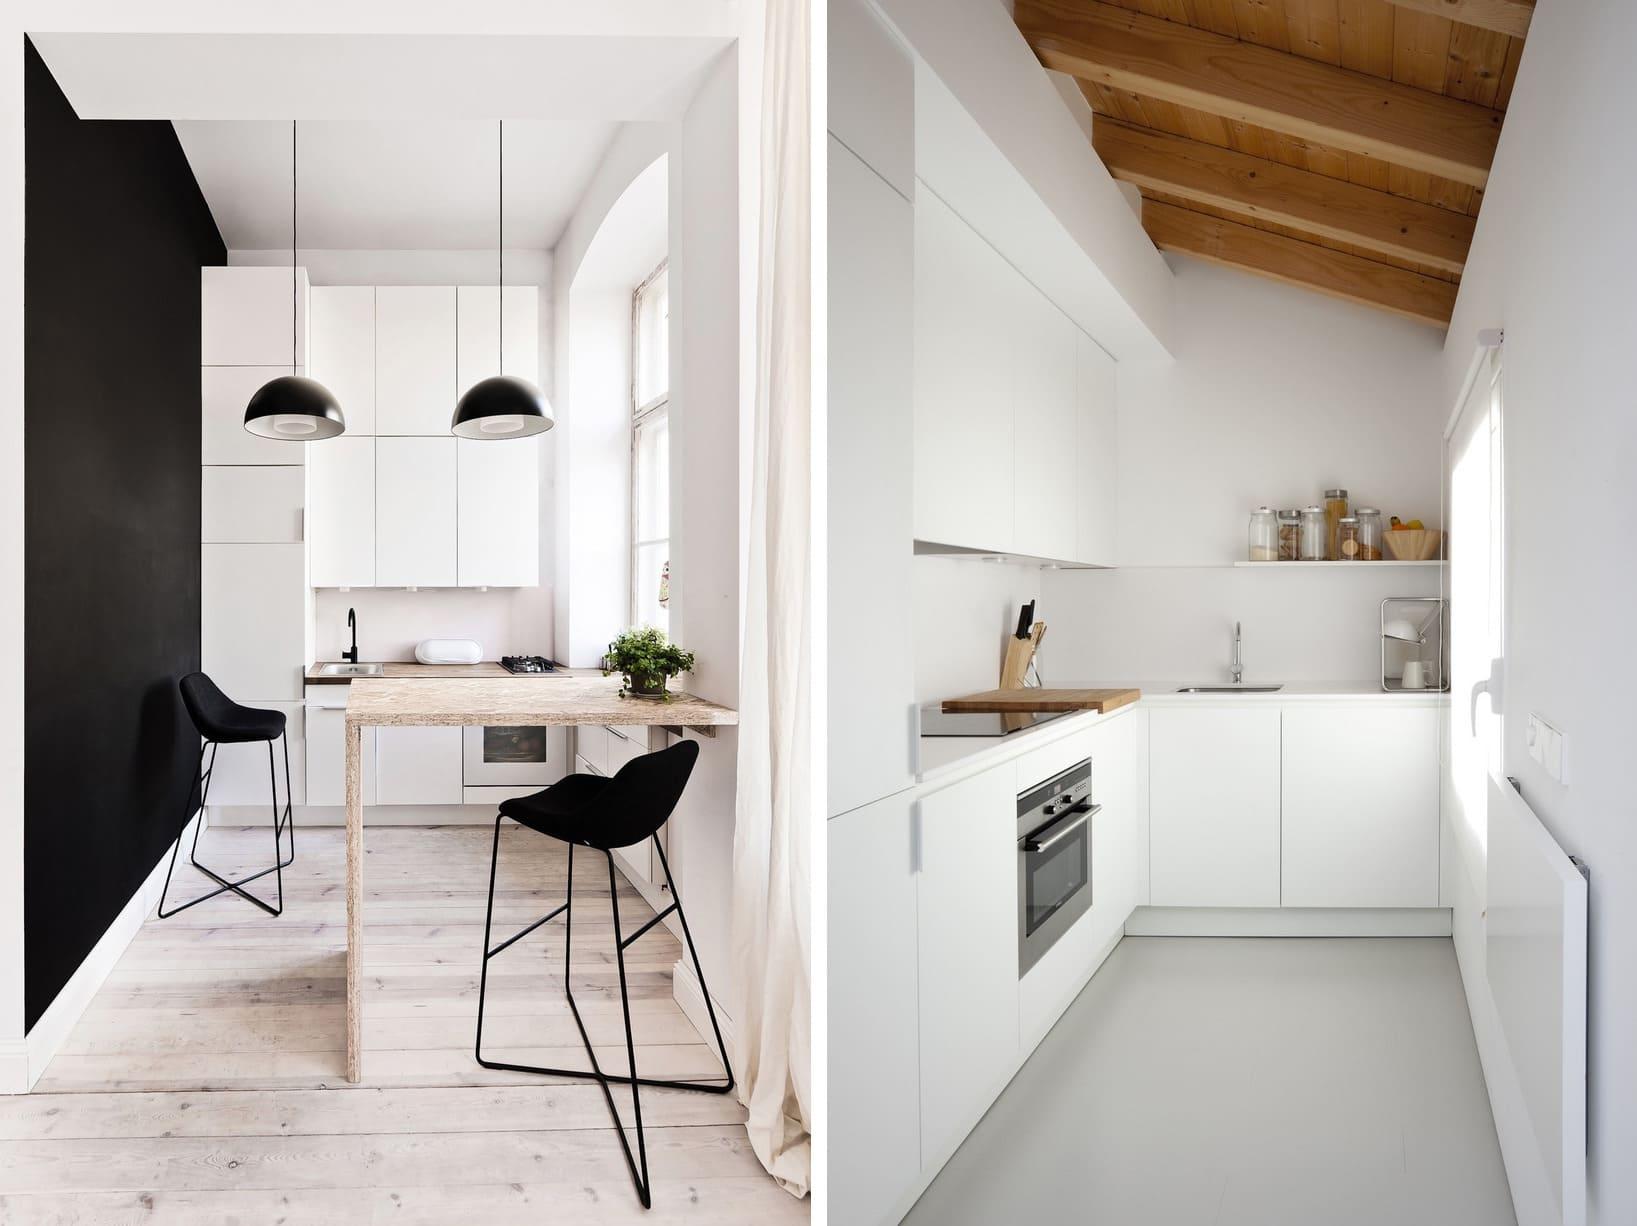 Un comptoir à charnières fixé au mur permet de gagner de l'espace dans une cuisine étroite.